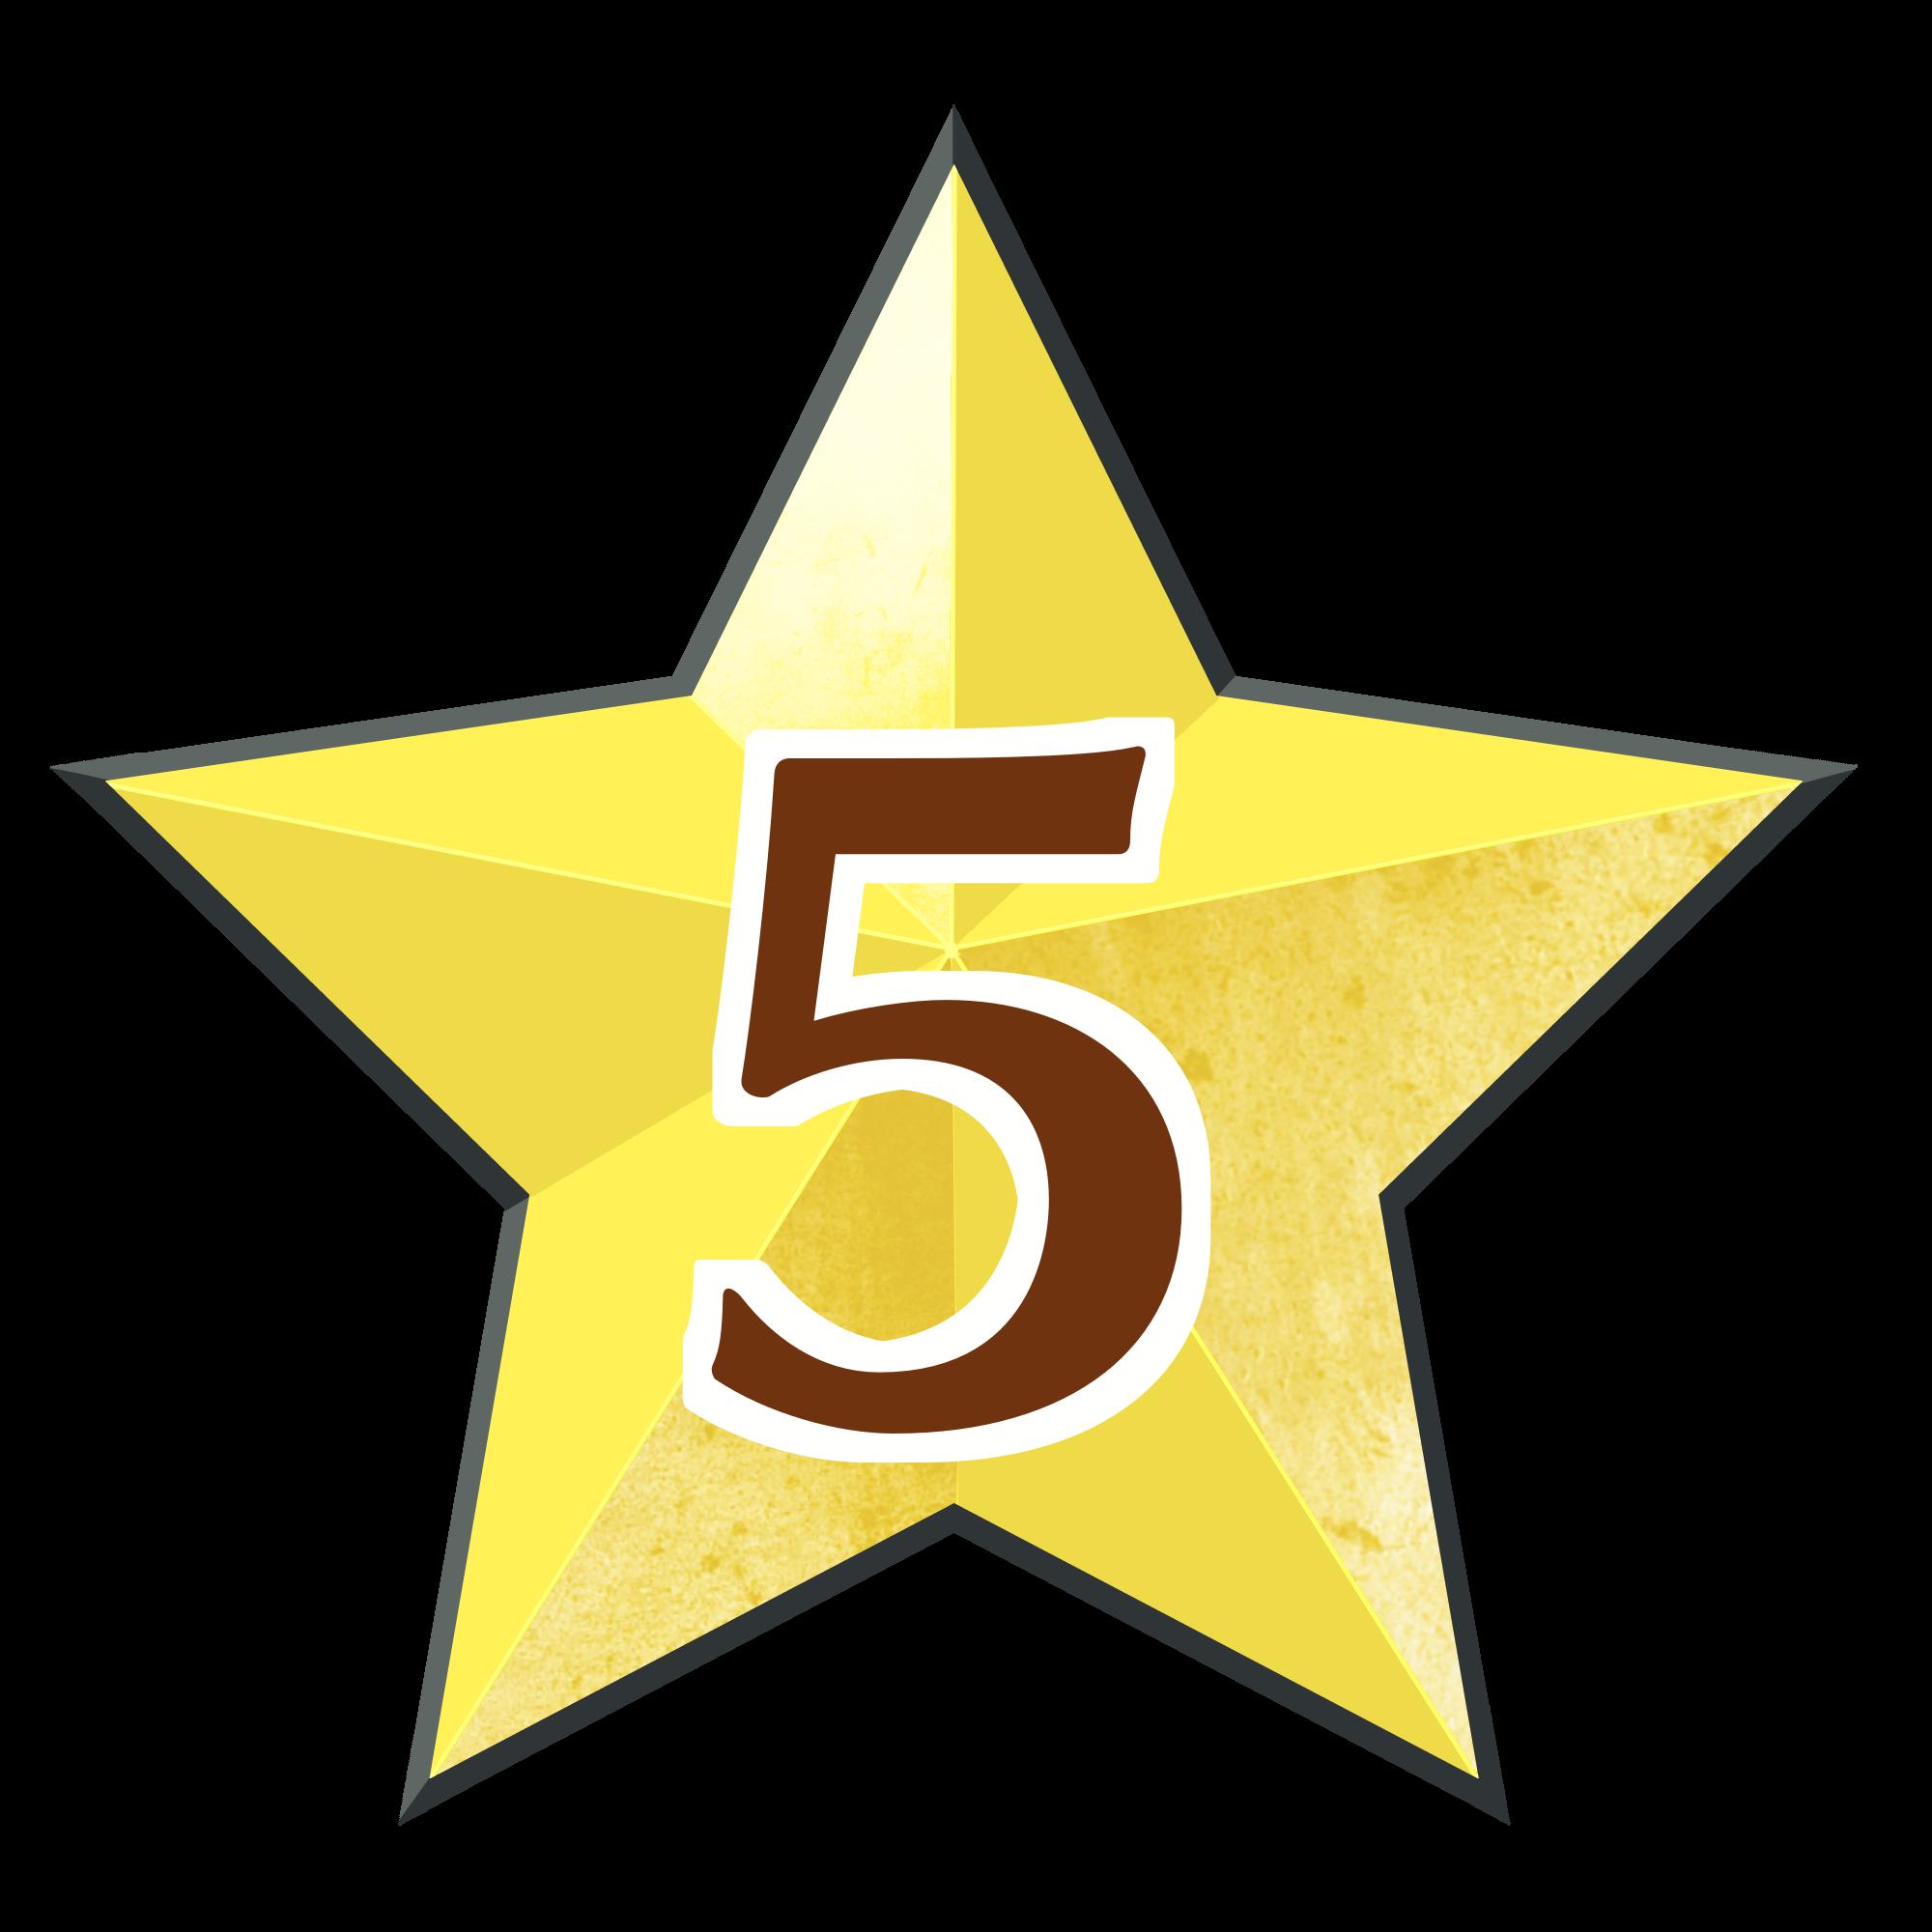 星5聖痕の画像